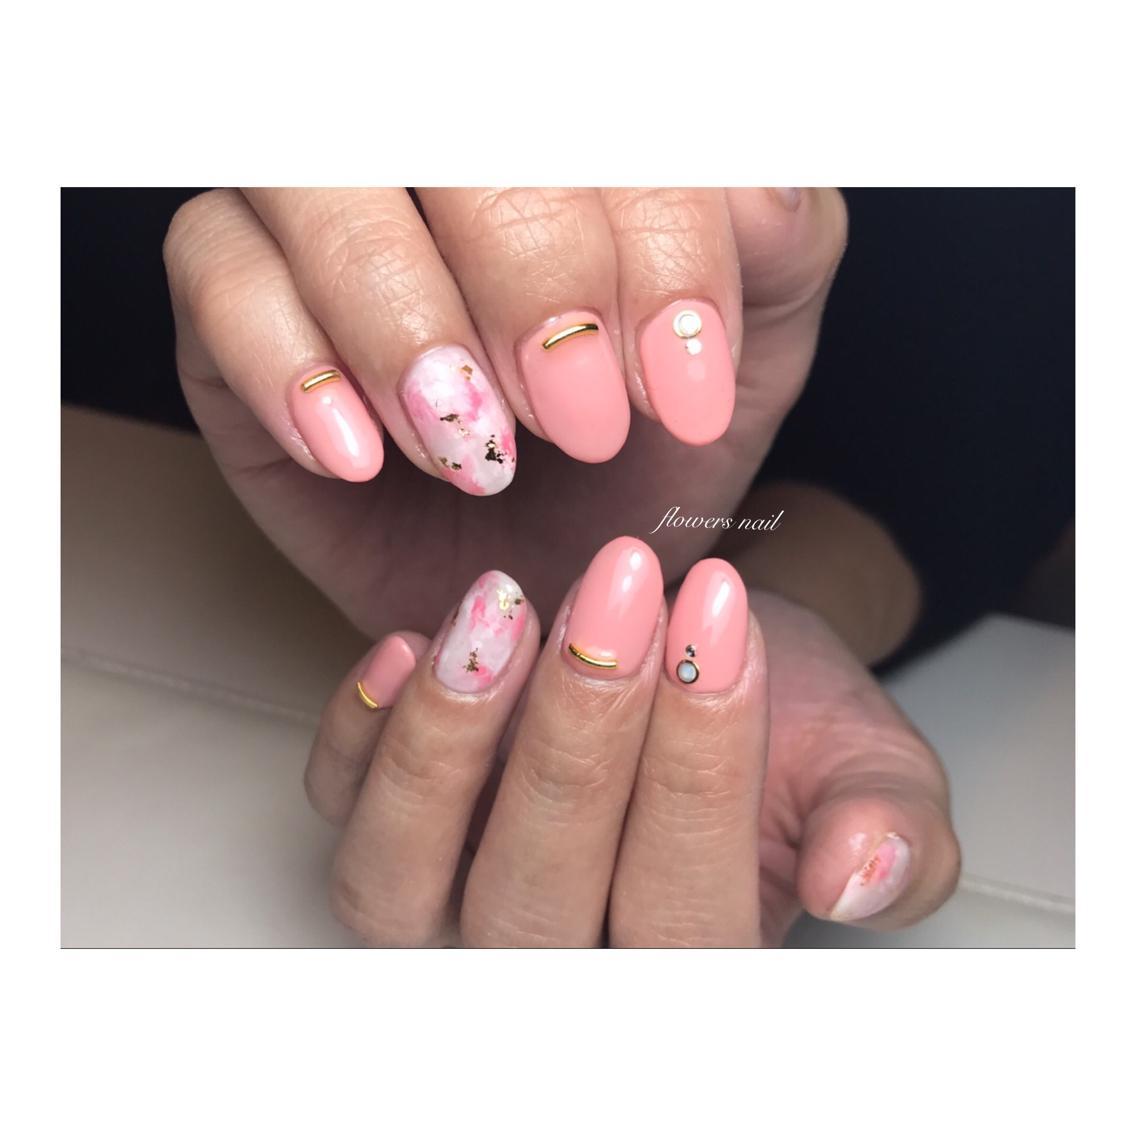 spring salmon pink タイダイ flowers nail所属 flowersnailの